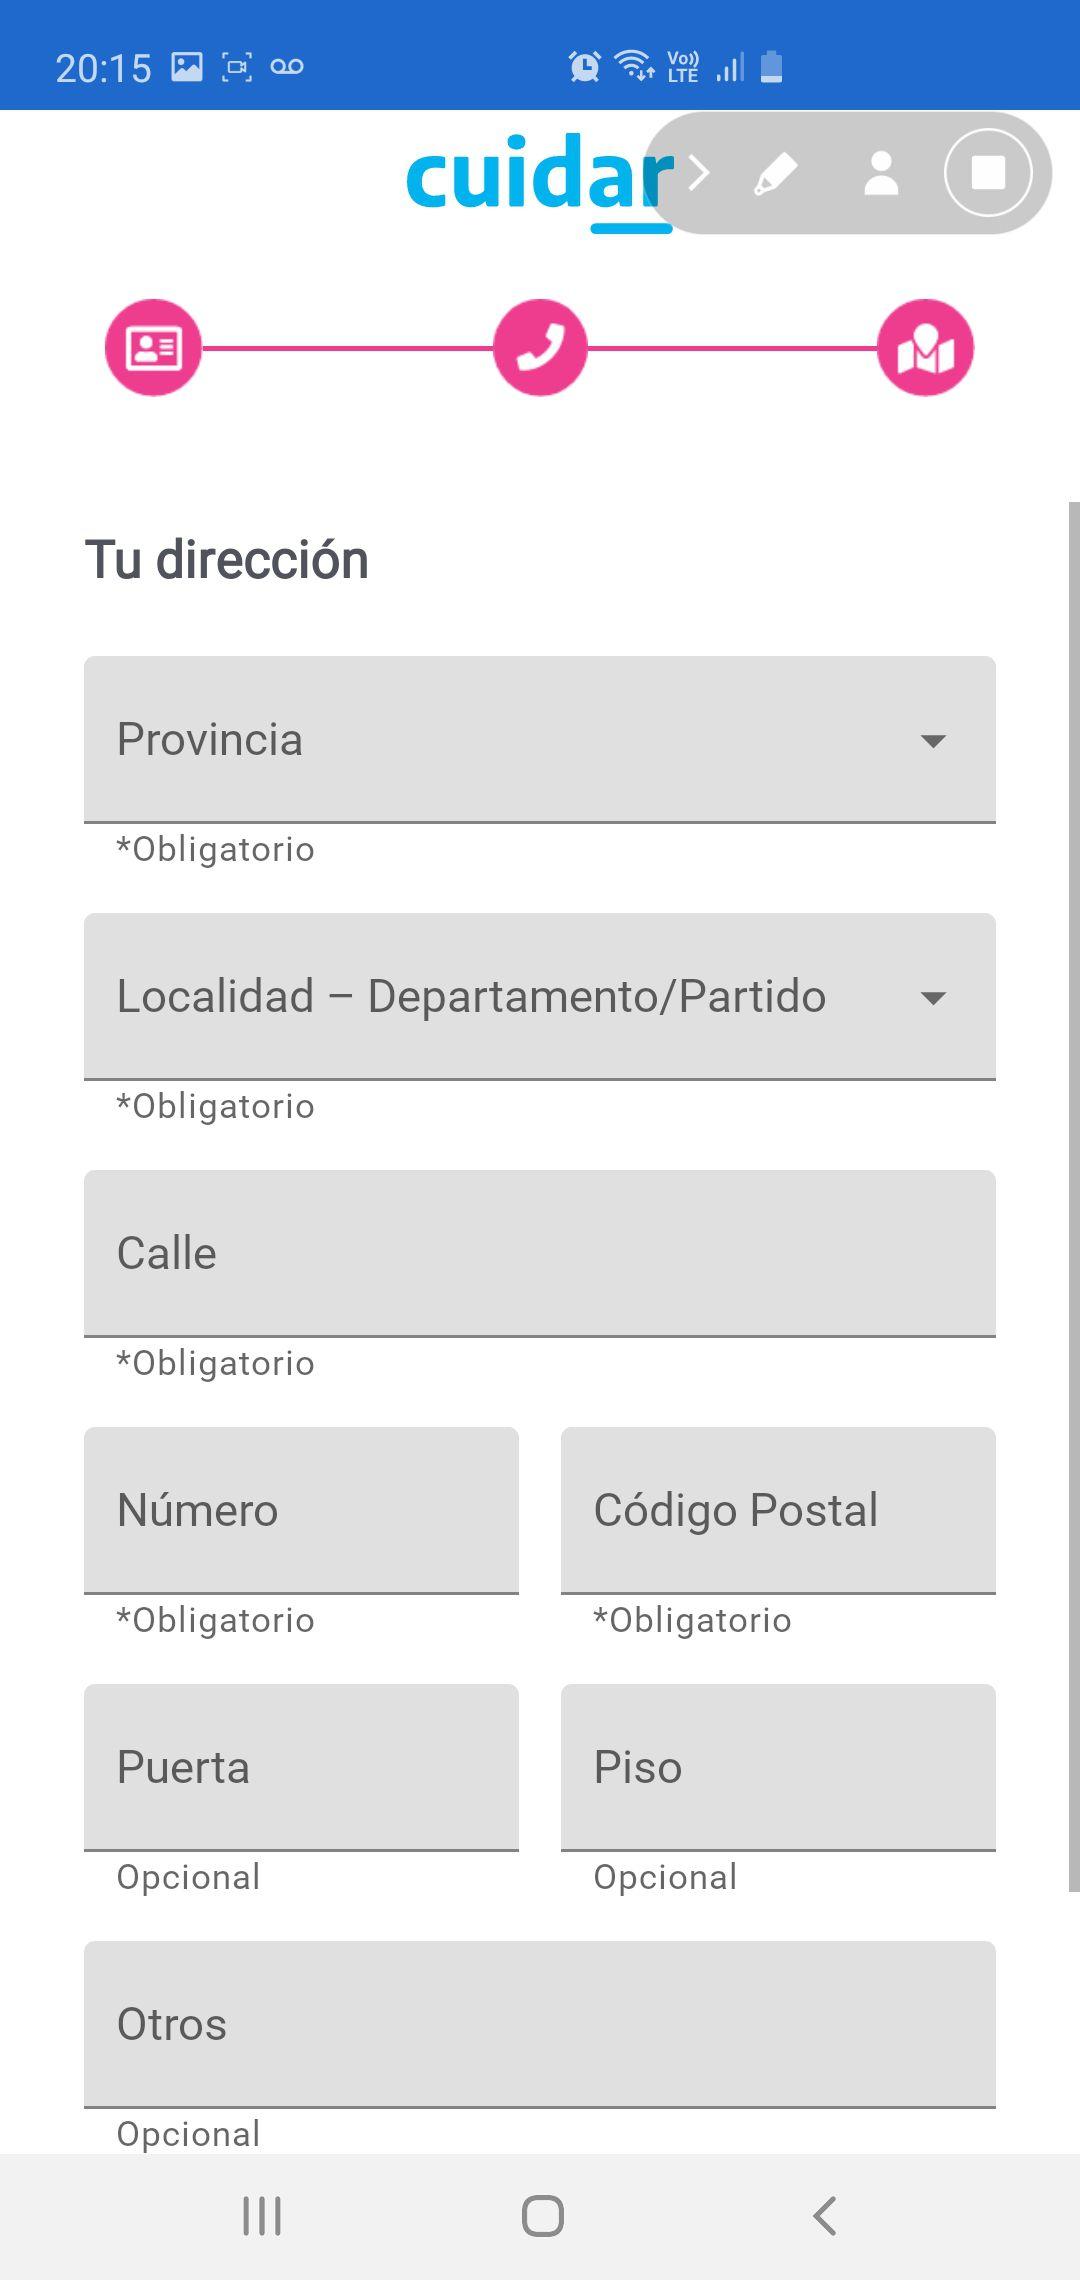 La app fue desarrollada en conjunto por la Secretaría de Innovación Pública, el Ministerio de Ciencia y Tecnología de la Nación, la Fundación Sadosky, el Conicet y la Cámara de la Industria Argentina del Software